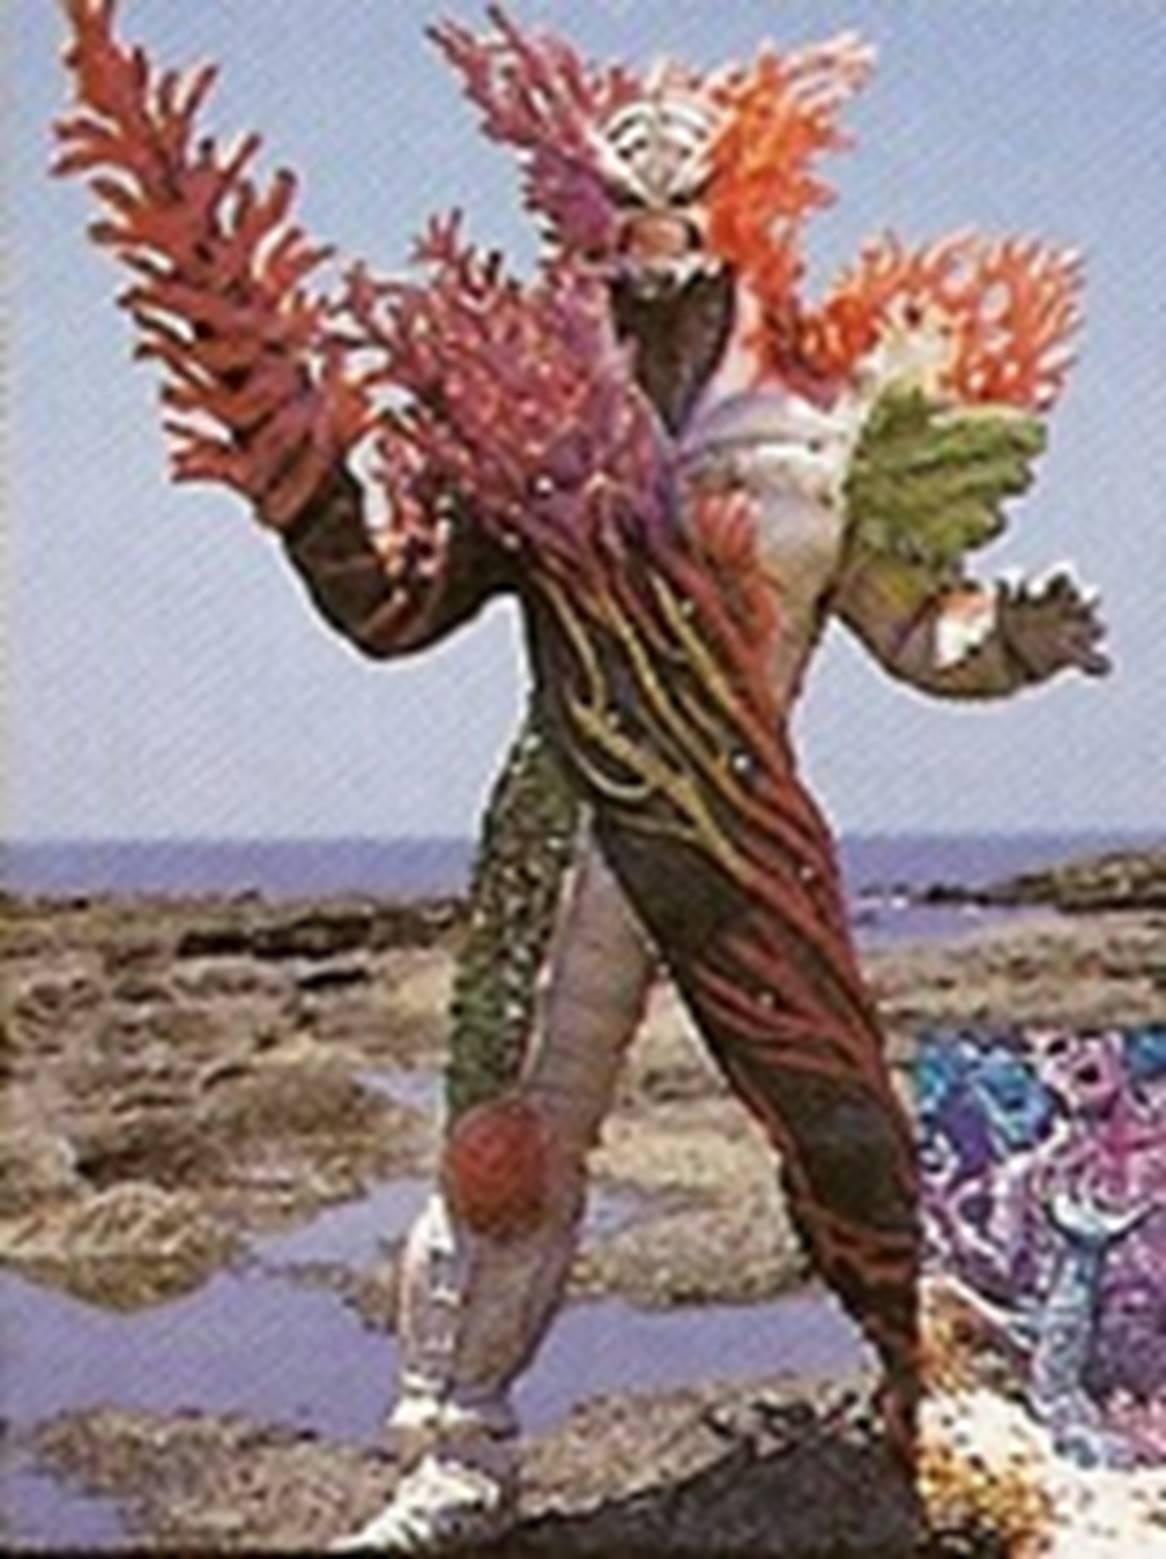 File:Pris-vi-coralizer.jpg